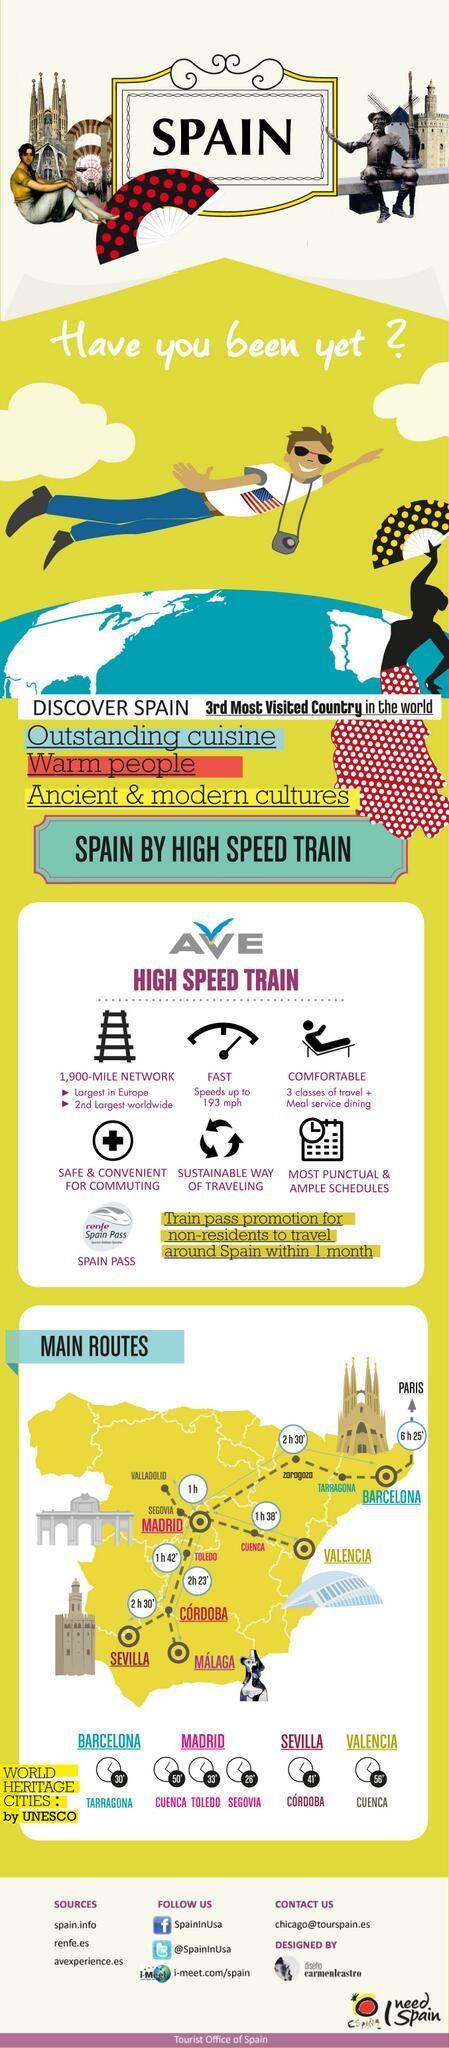 El Tren De Alta Velocidad Ave En España Infografia Infographic Tourism Tren De Alta Velocidad España Turismo